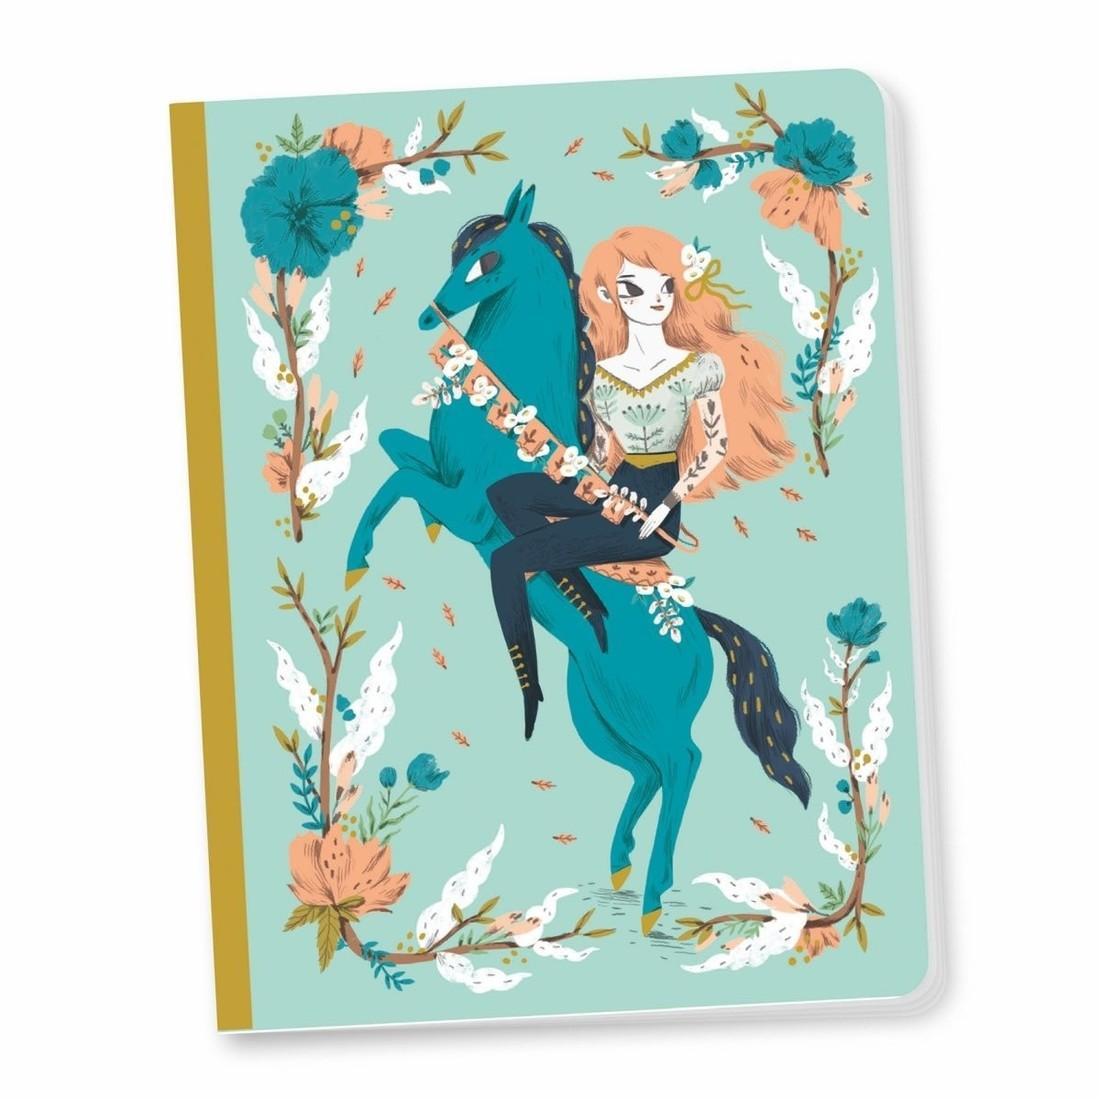 Djeco Notizbuch «Lucille» A5